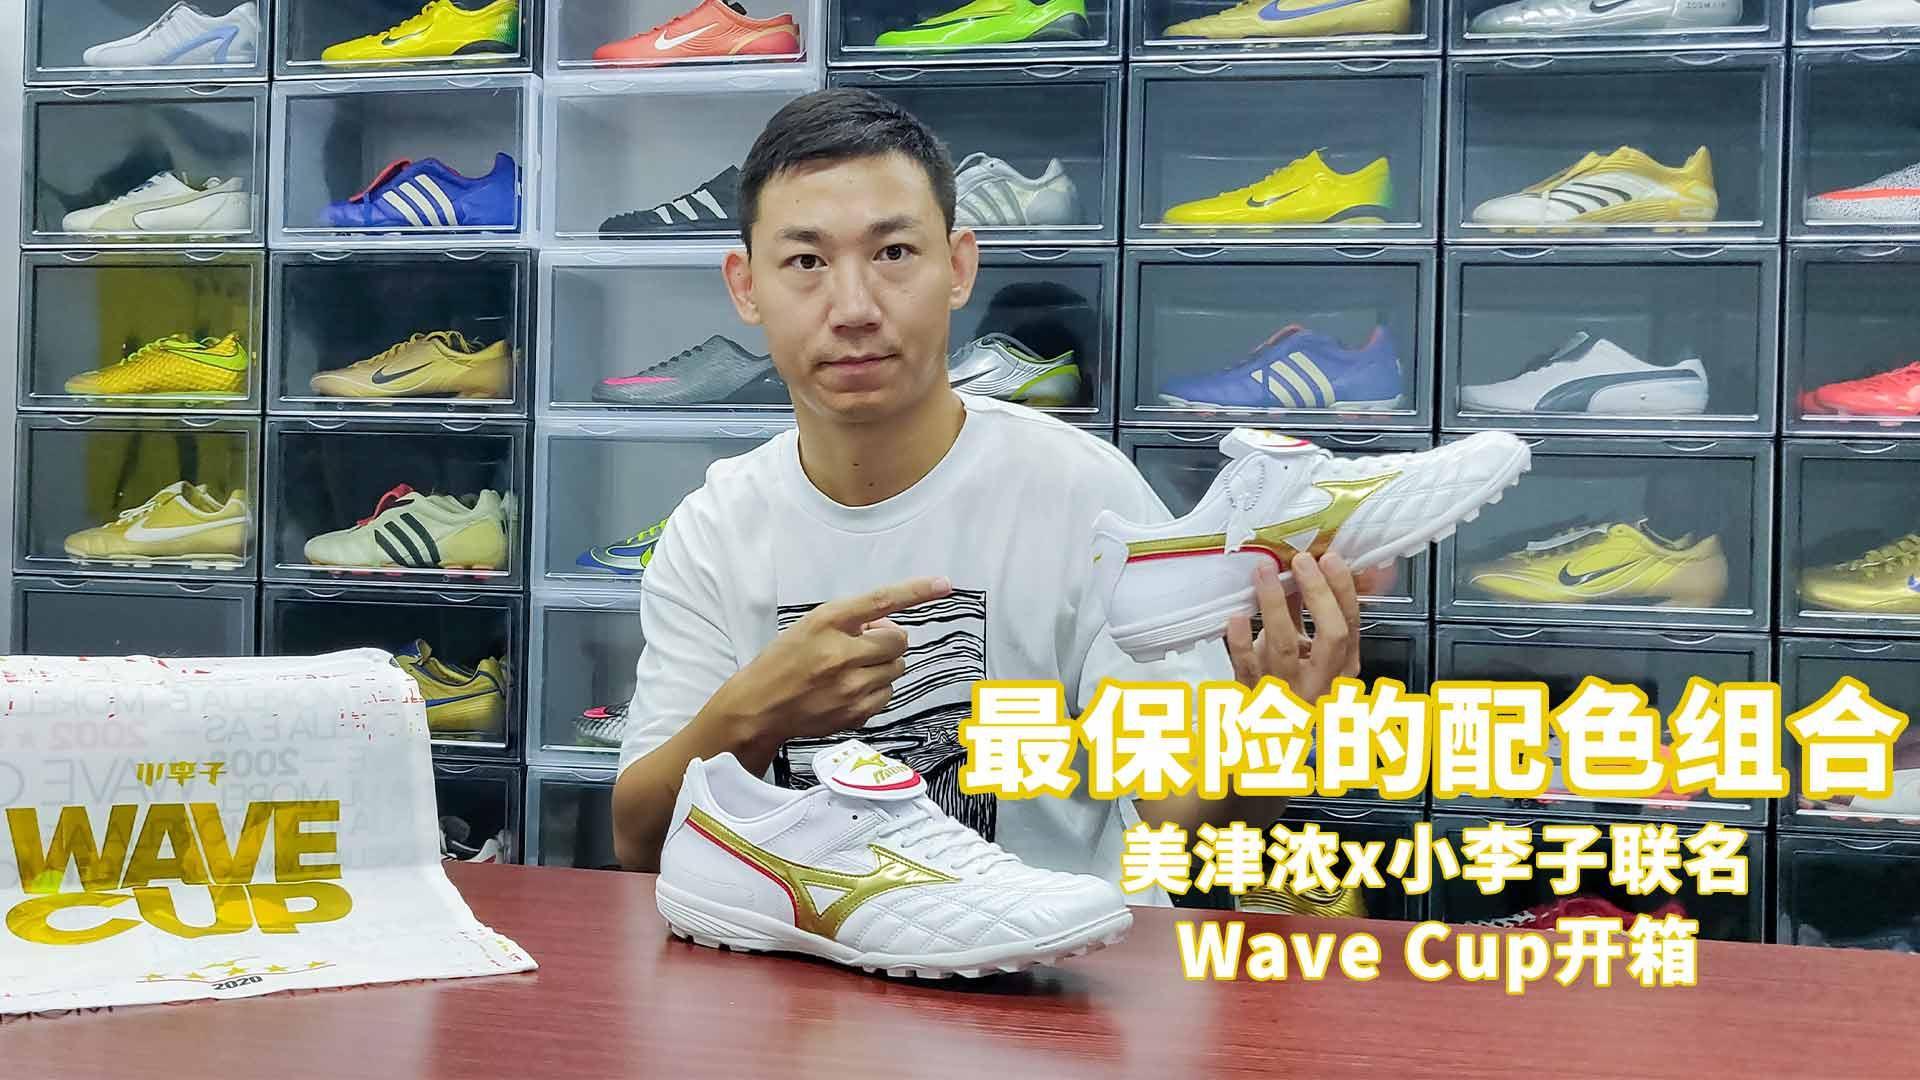 最保险的配色组合 美津浓x小李子联名Wave Cup开箱